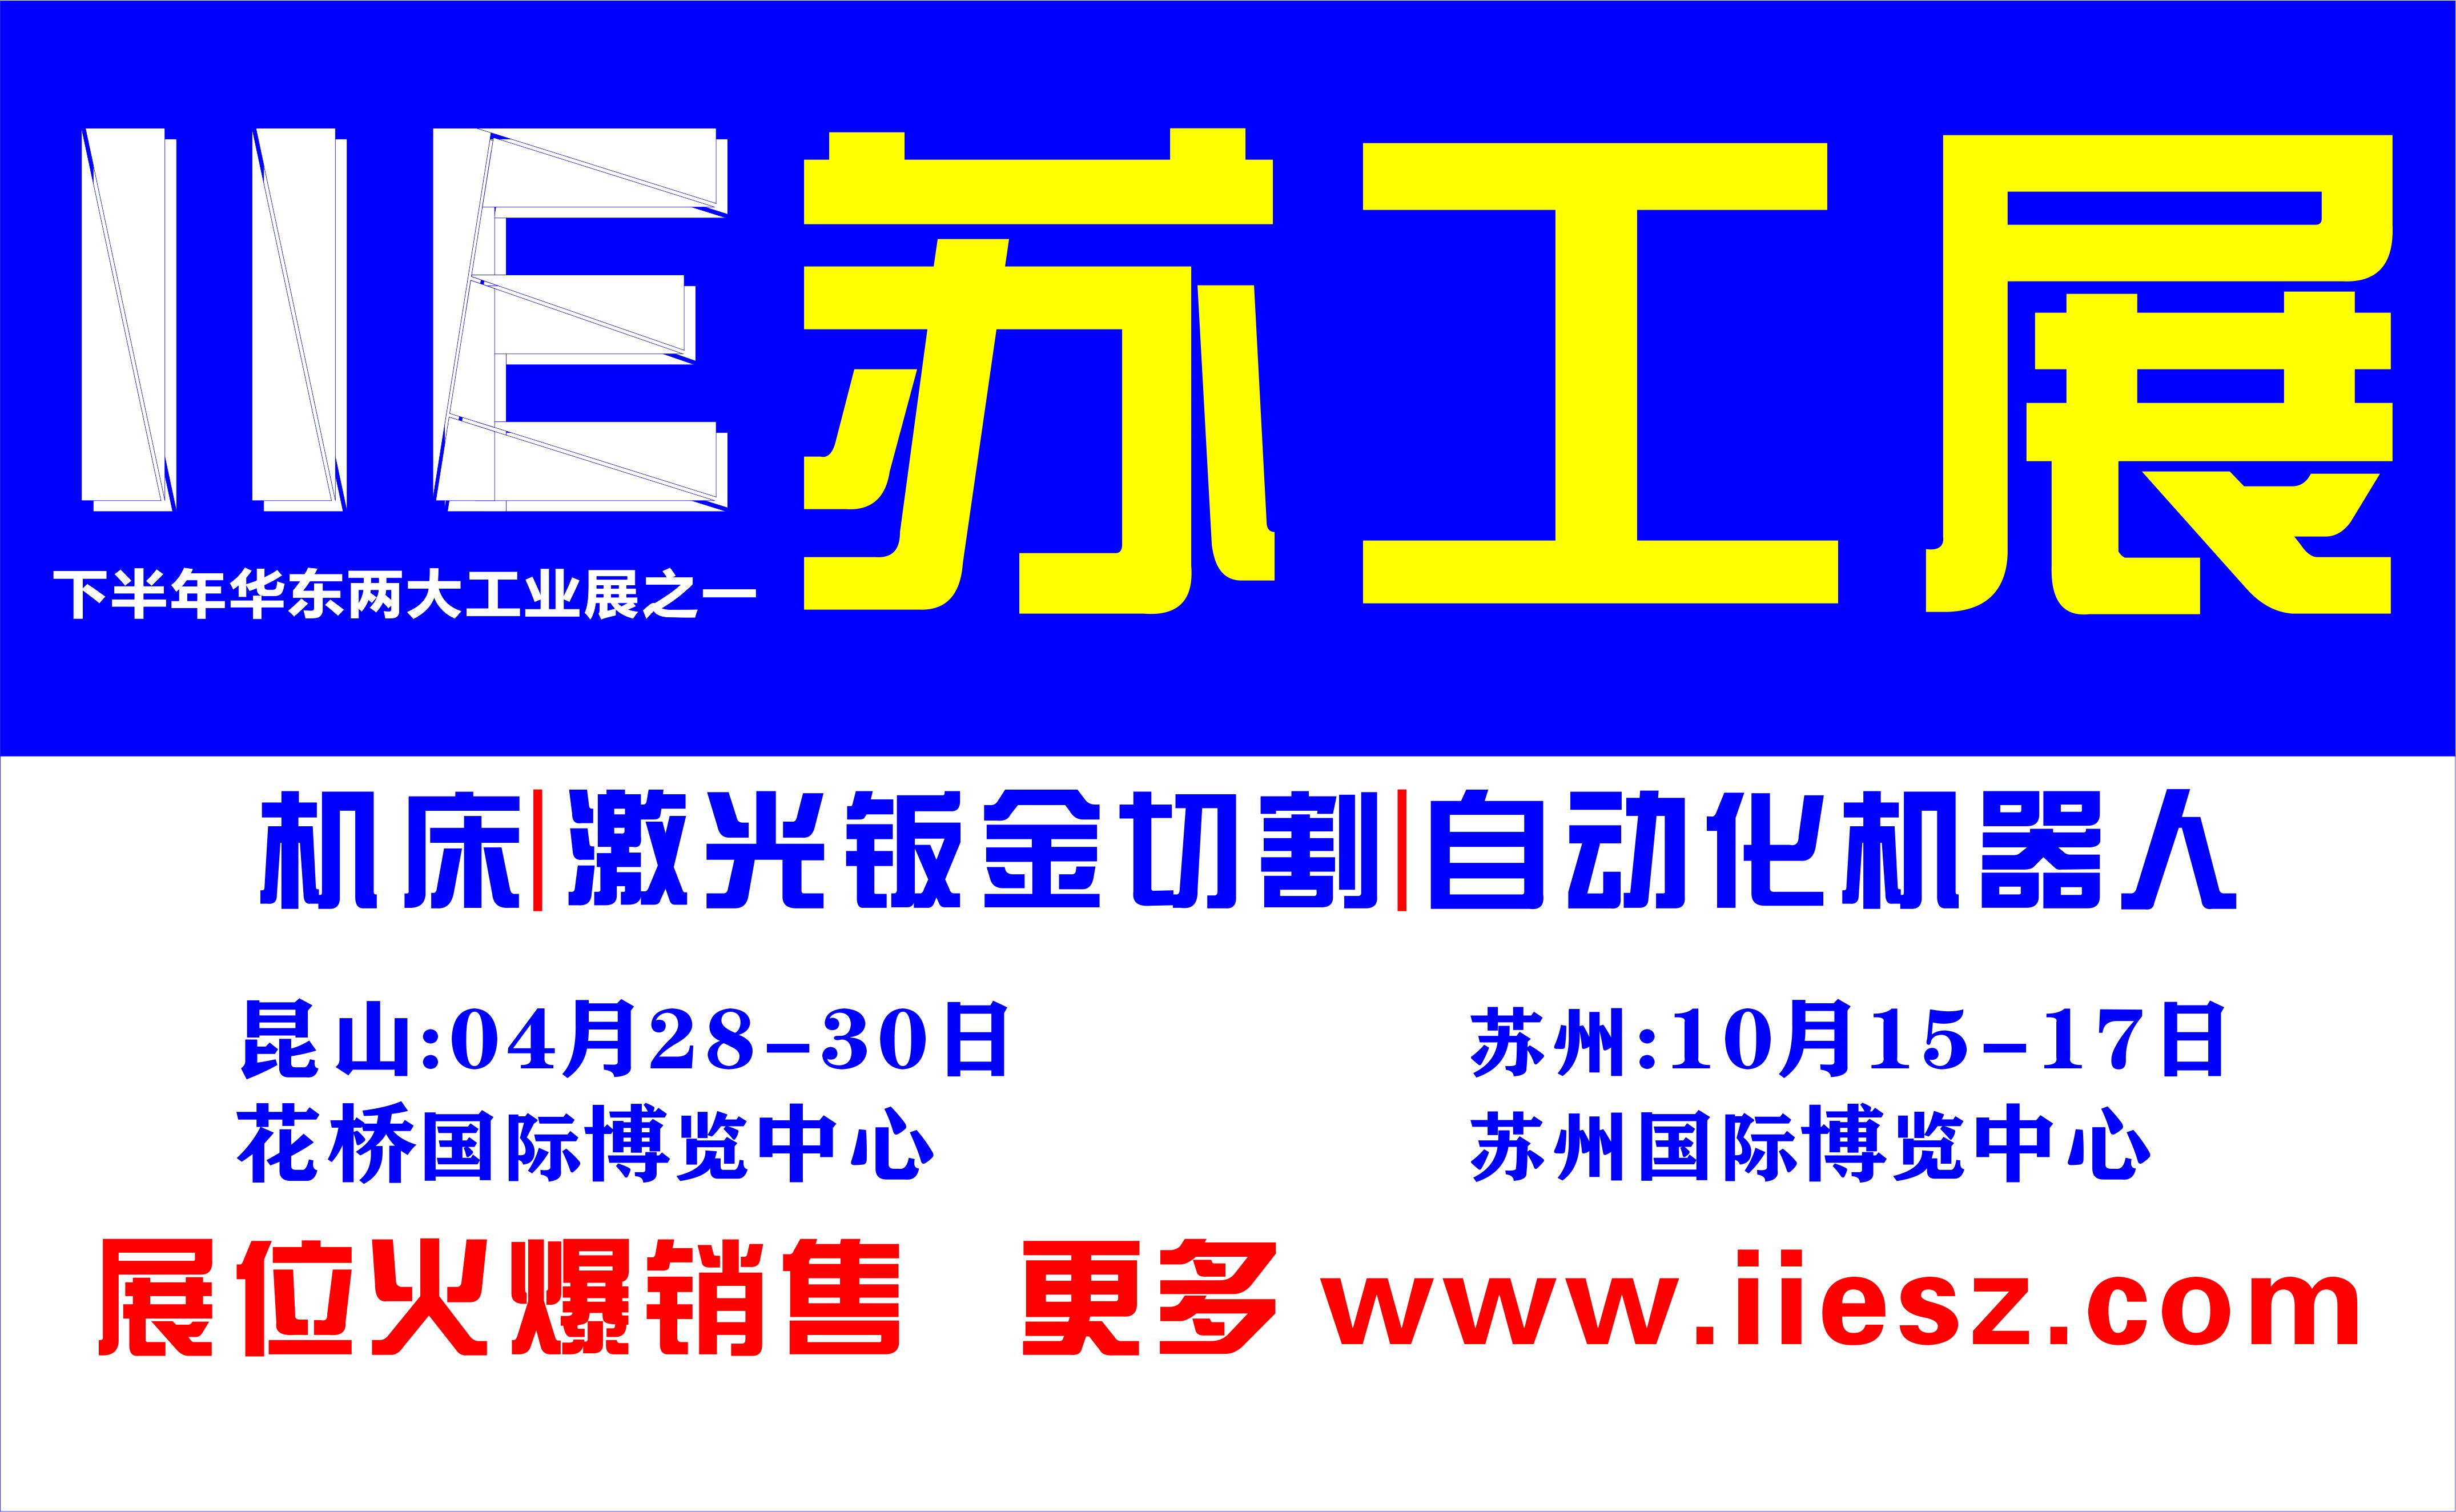 2021蘇工展-IIE2021(昆山)國際工業智能展覽會